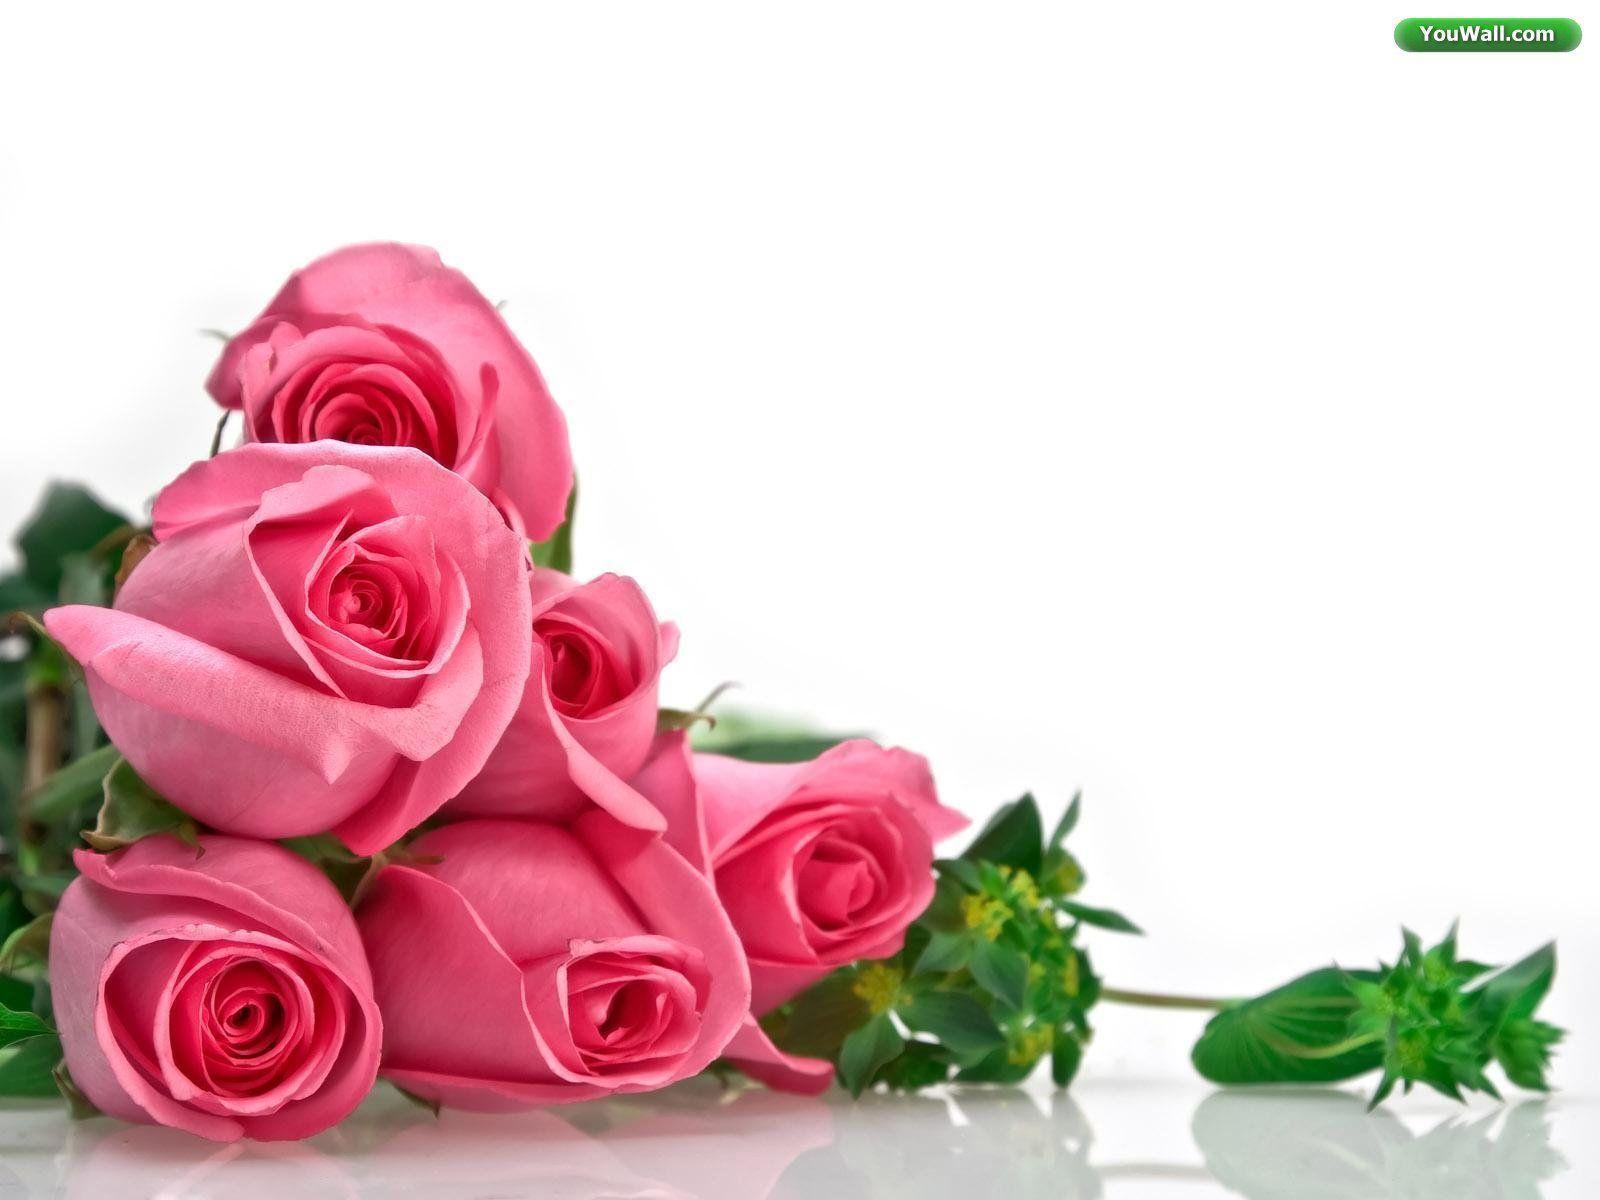 rose wallpaper | rose wallpaper